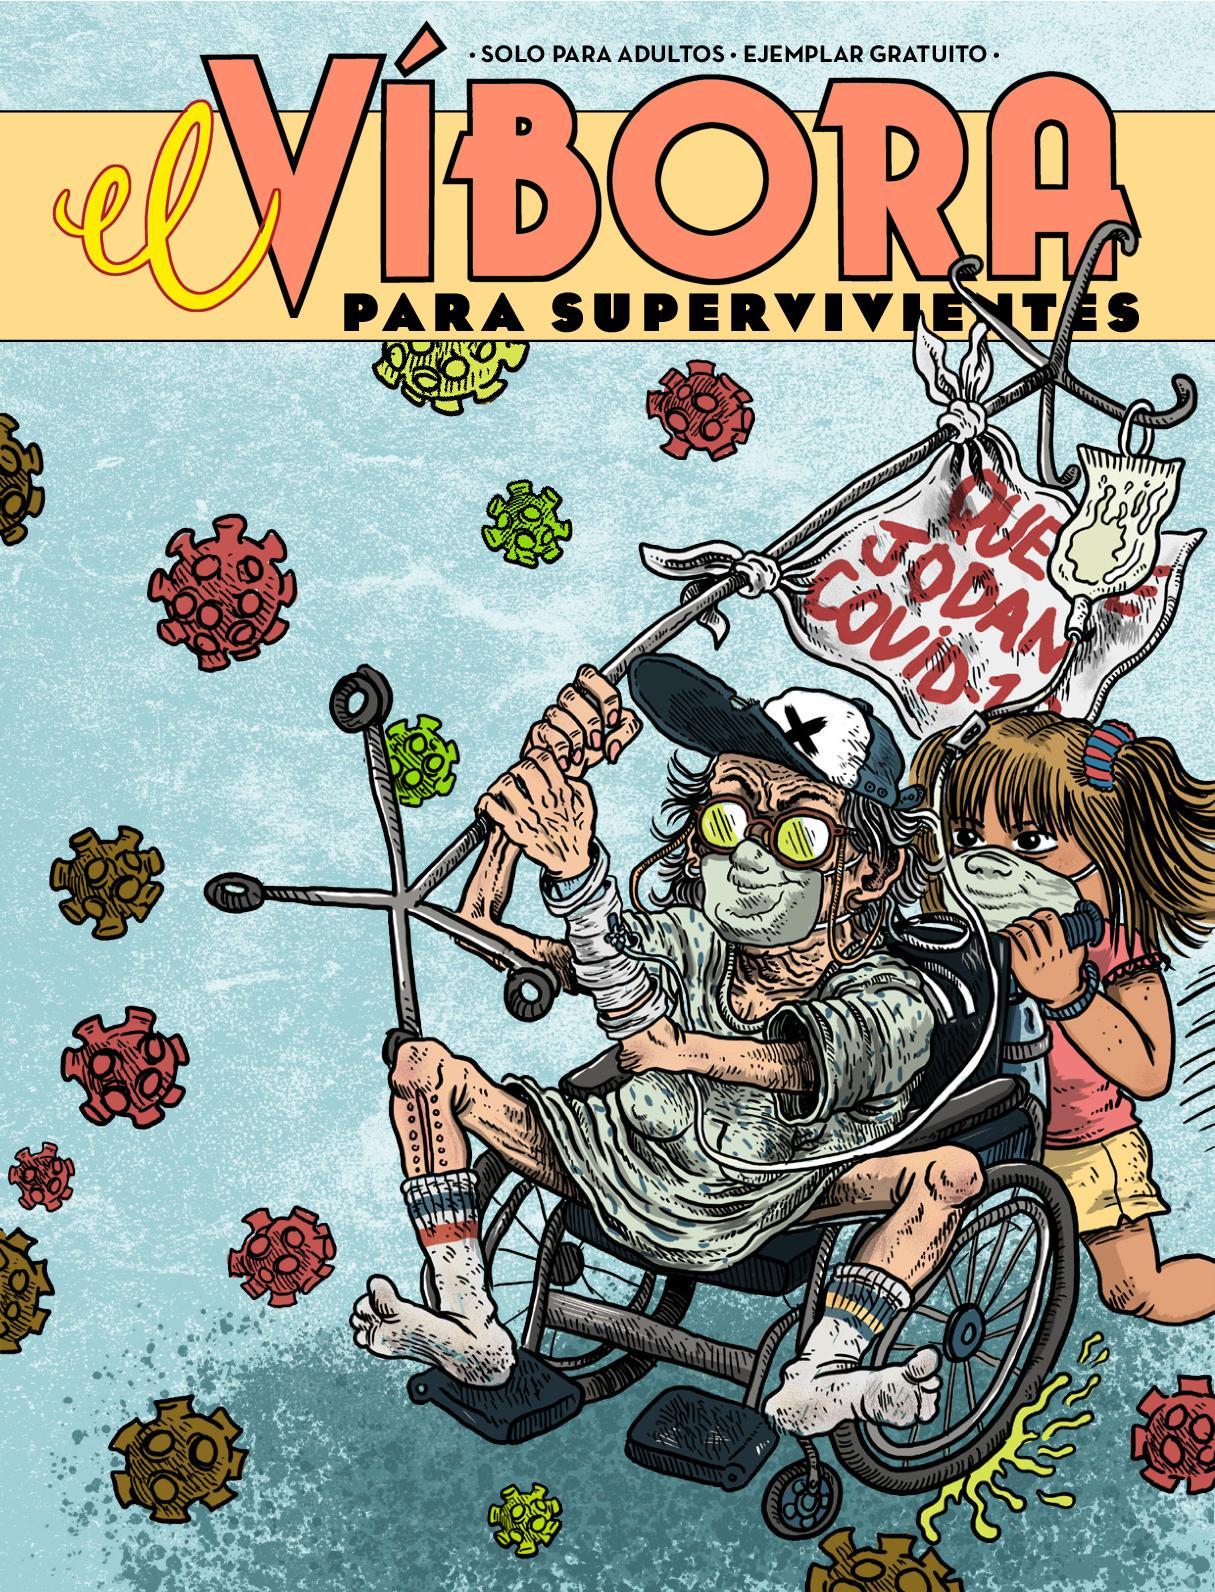 Revista El víbora gratis durante la cuarentena desde su web